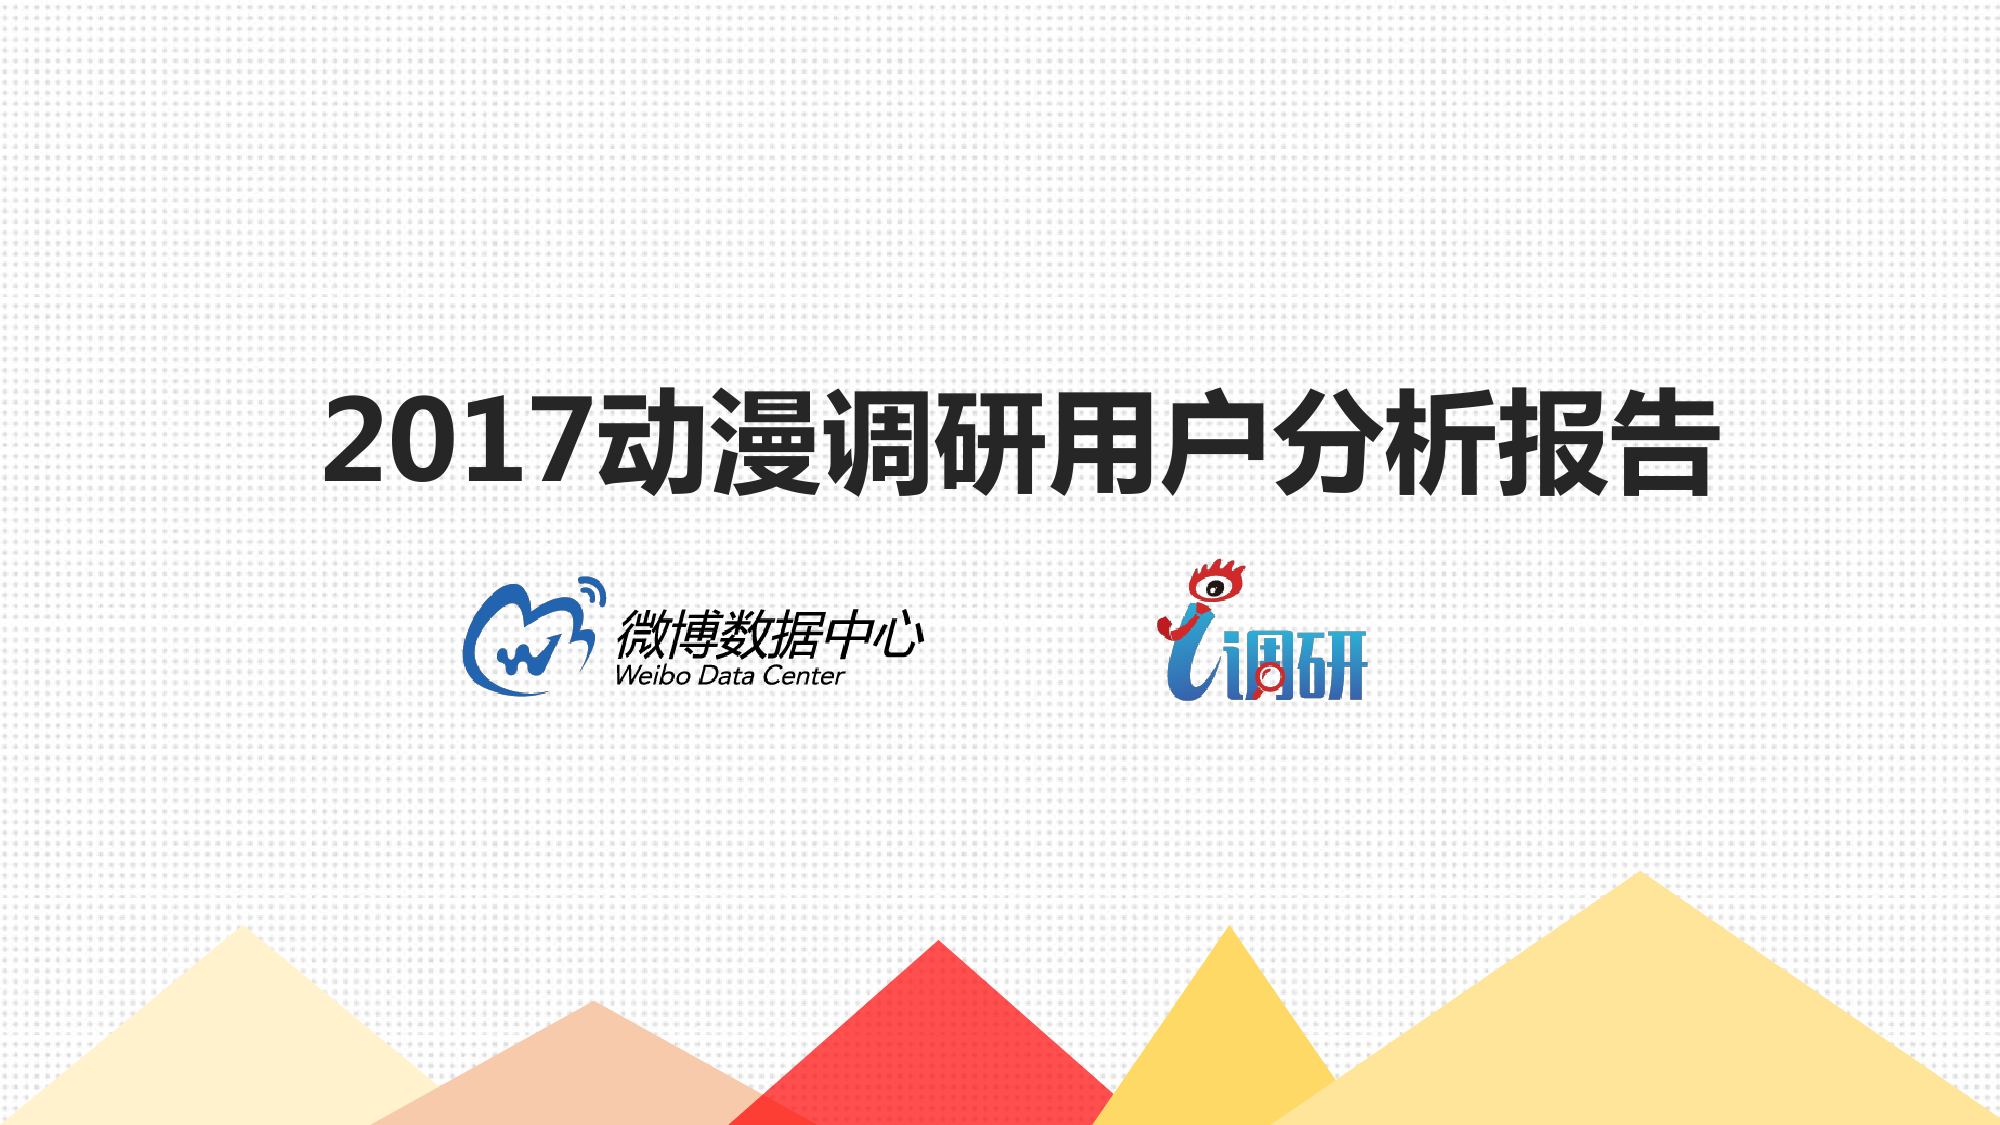 微博数据中心:2017动漫调研用户分析报告(附下载)